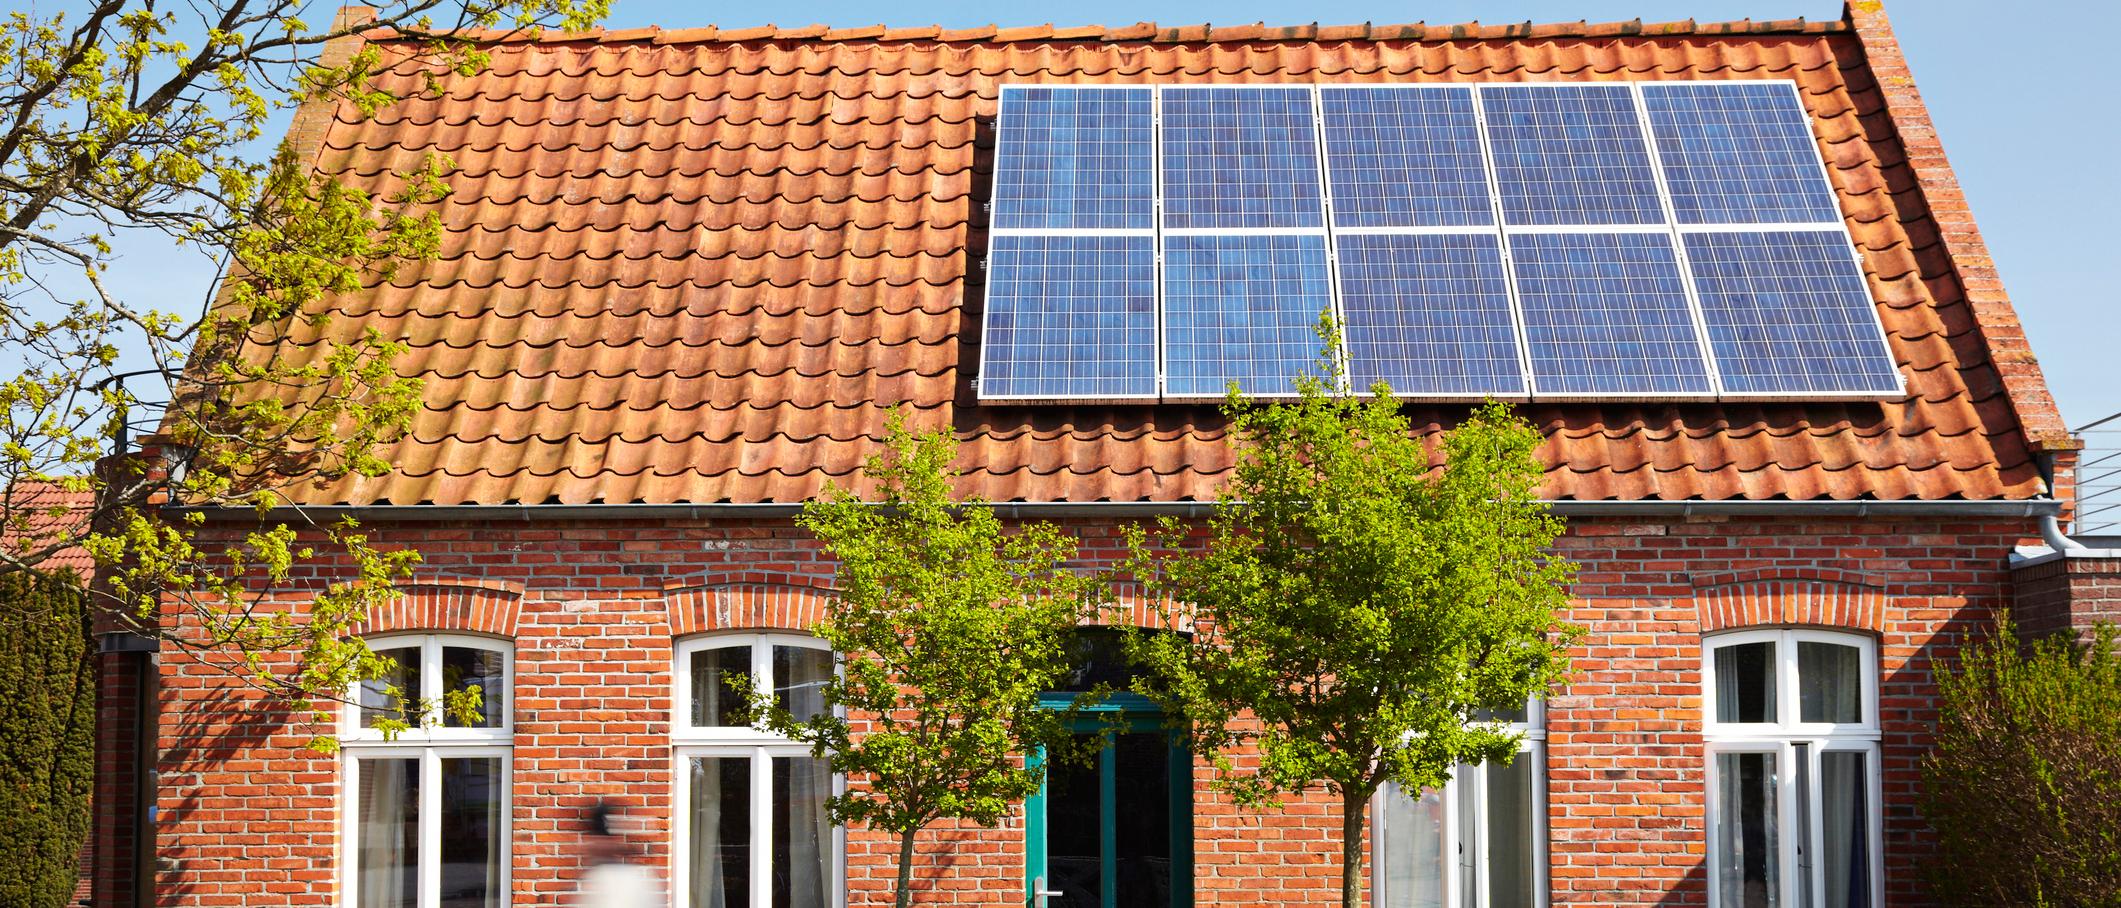 casa allestita con pannelli fotovoltaici